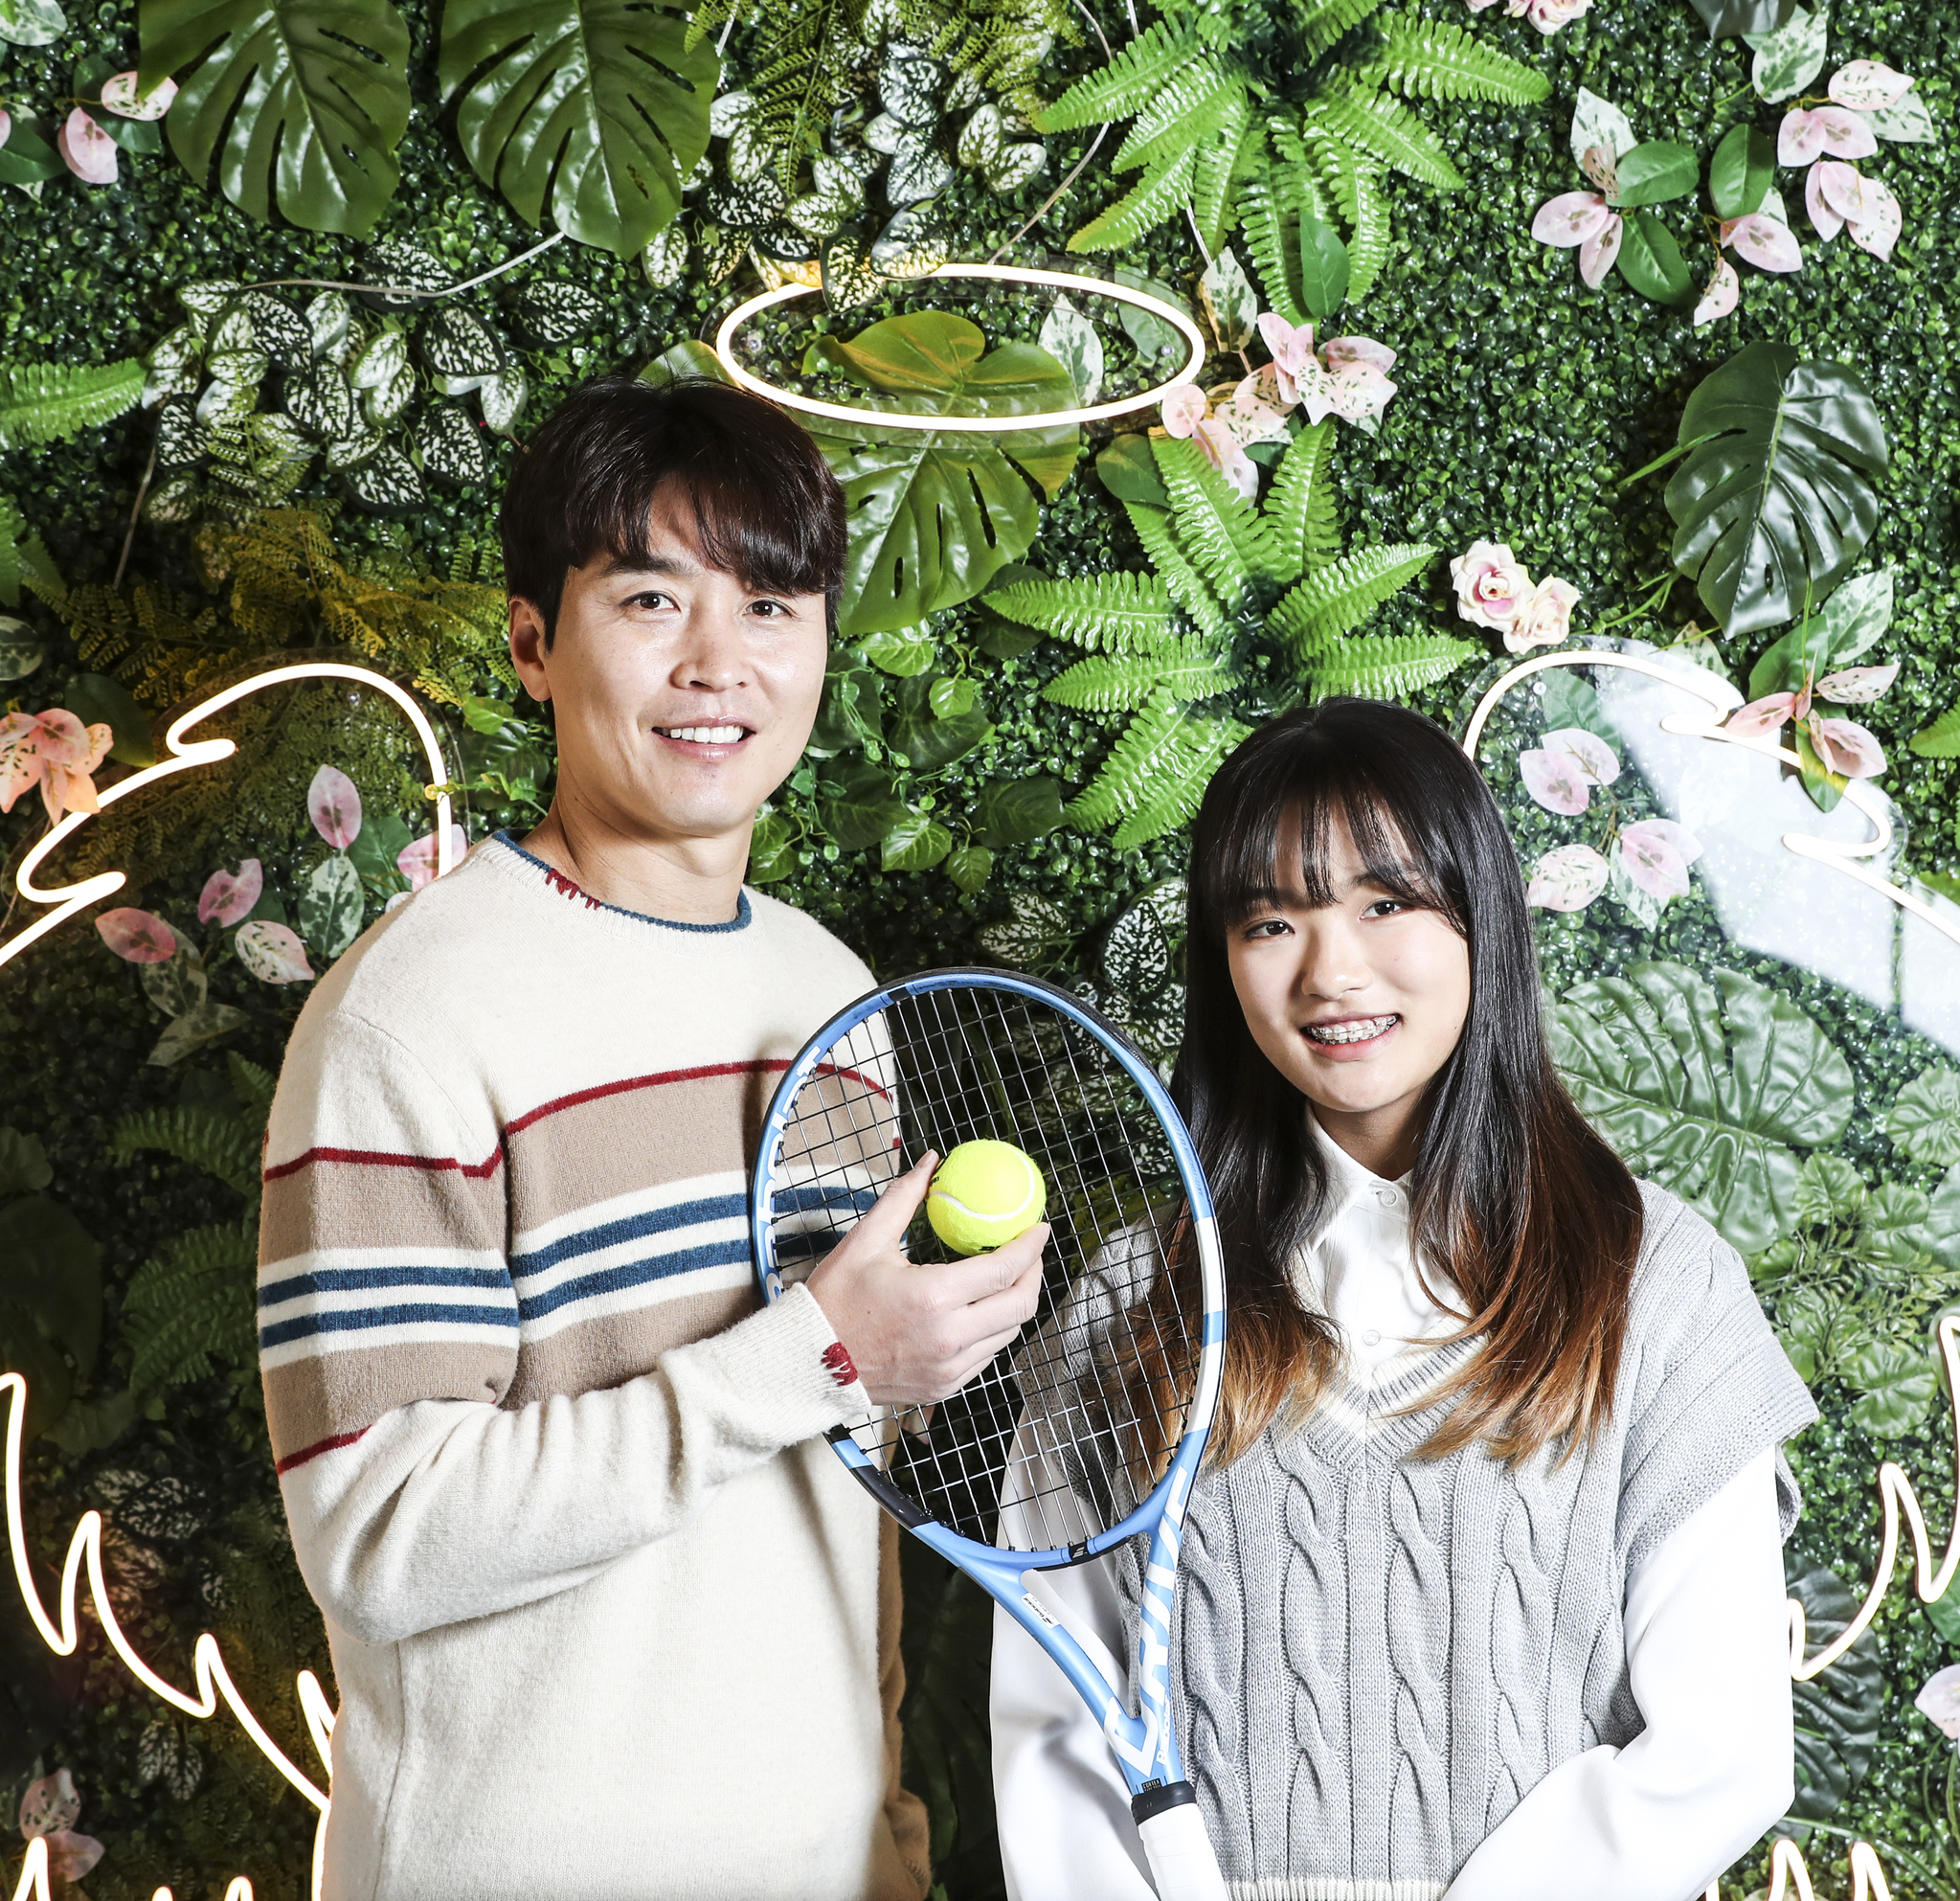 인천 송도 집 근처에서 만난 이동국과 테니스선수인 딸 재아. 김경록 기자